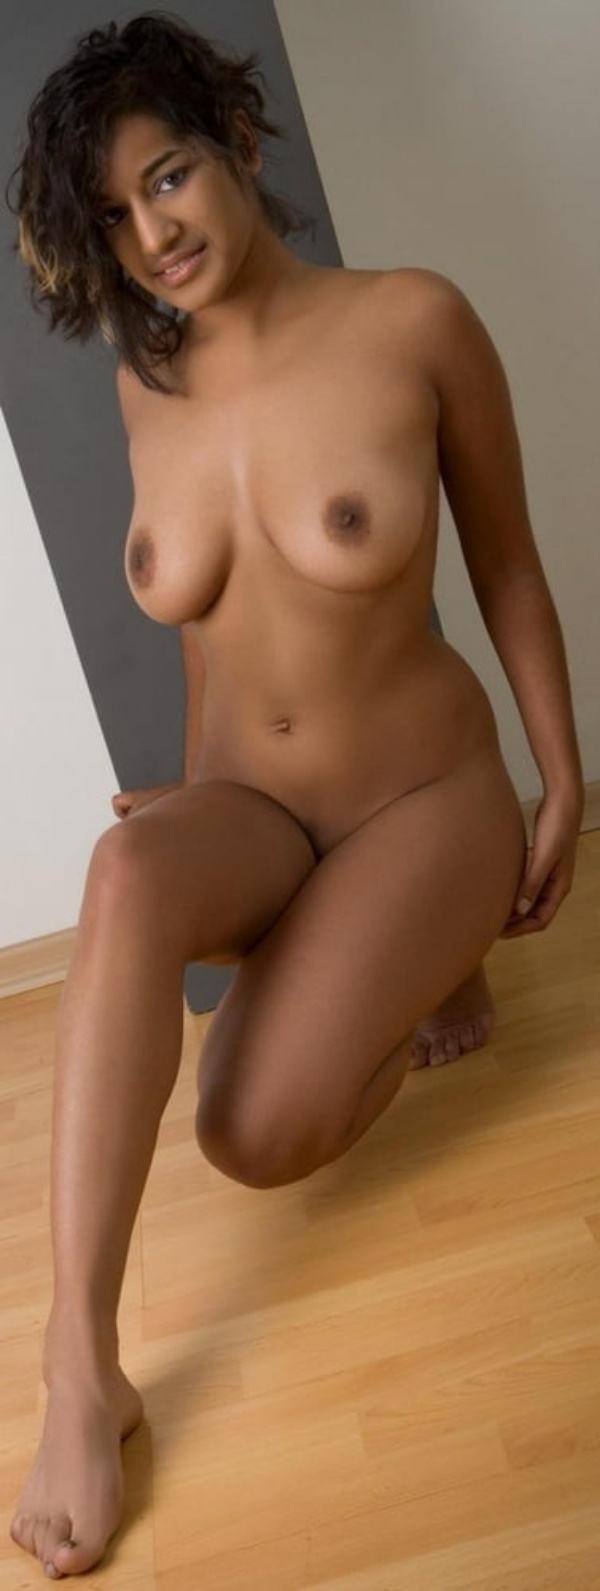 desi nude girls photos tight ass boobs xxx - 34